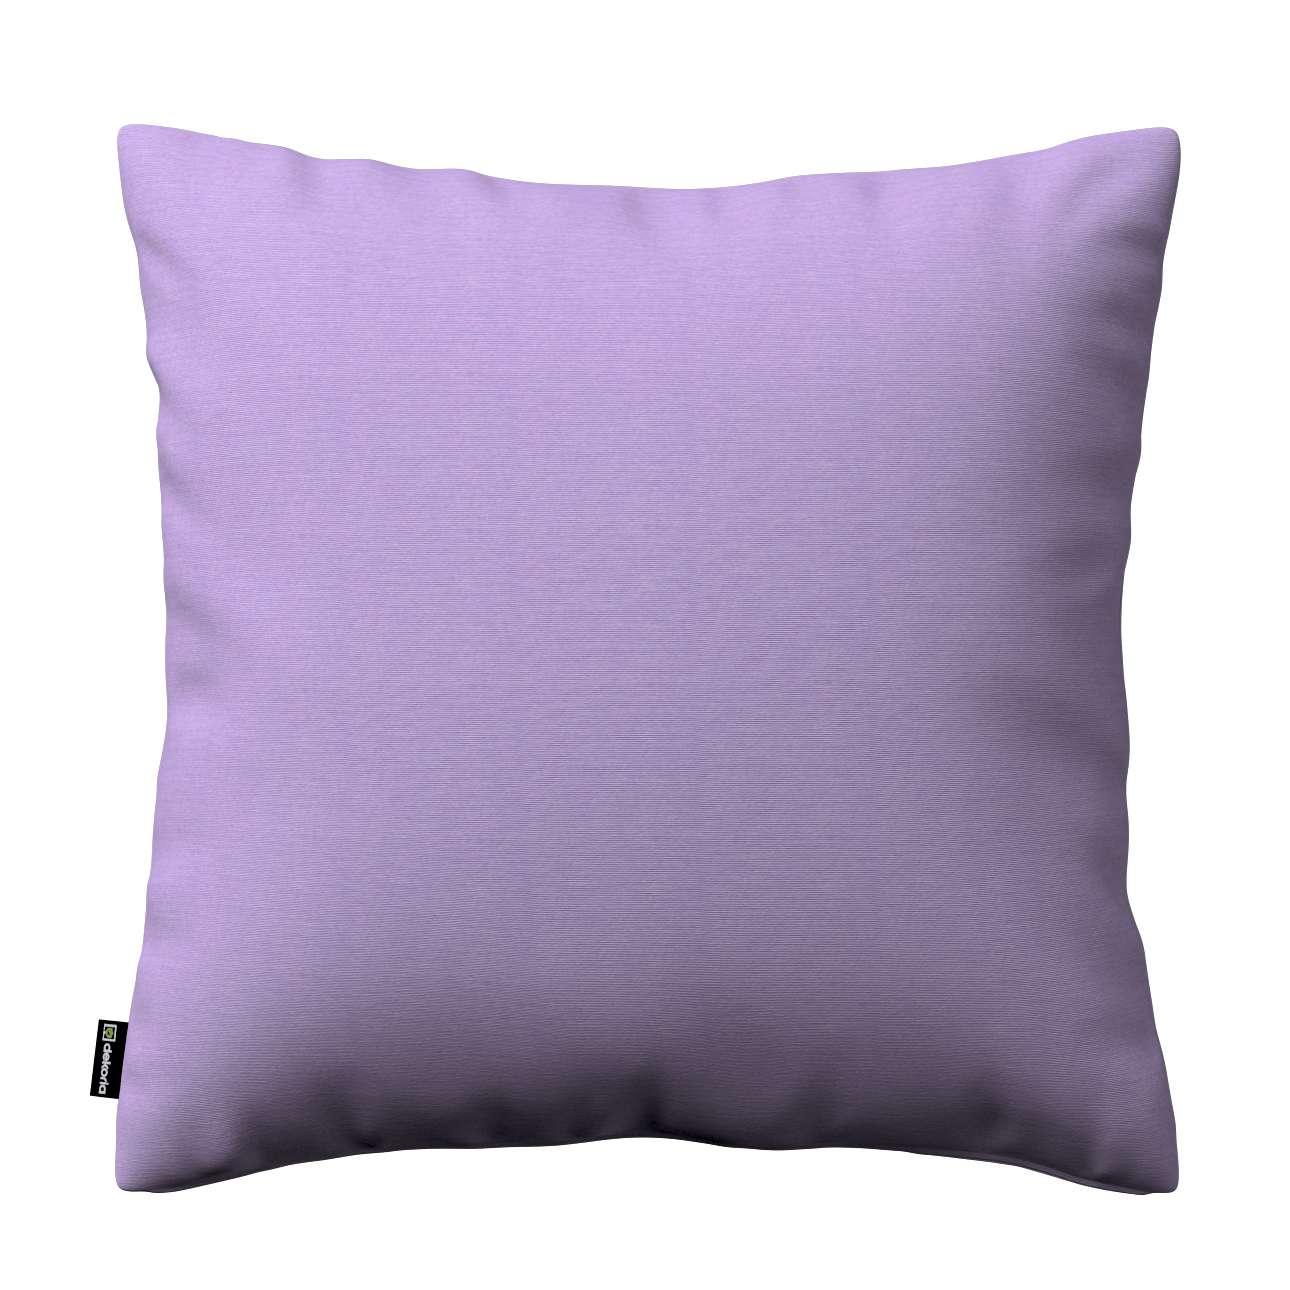 Kinga dekoratyvinės pagalvėlės užvalkalas 43 x 43 cm kolekcijoje Jupiter, audinys: 127-74